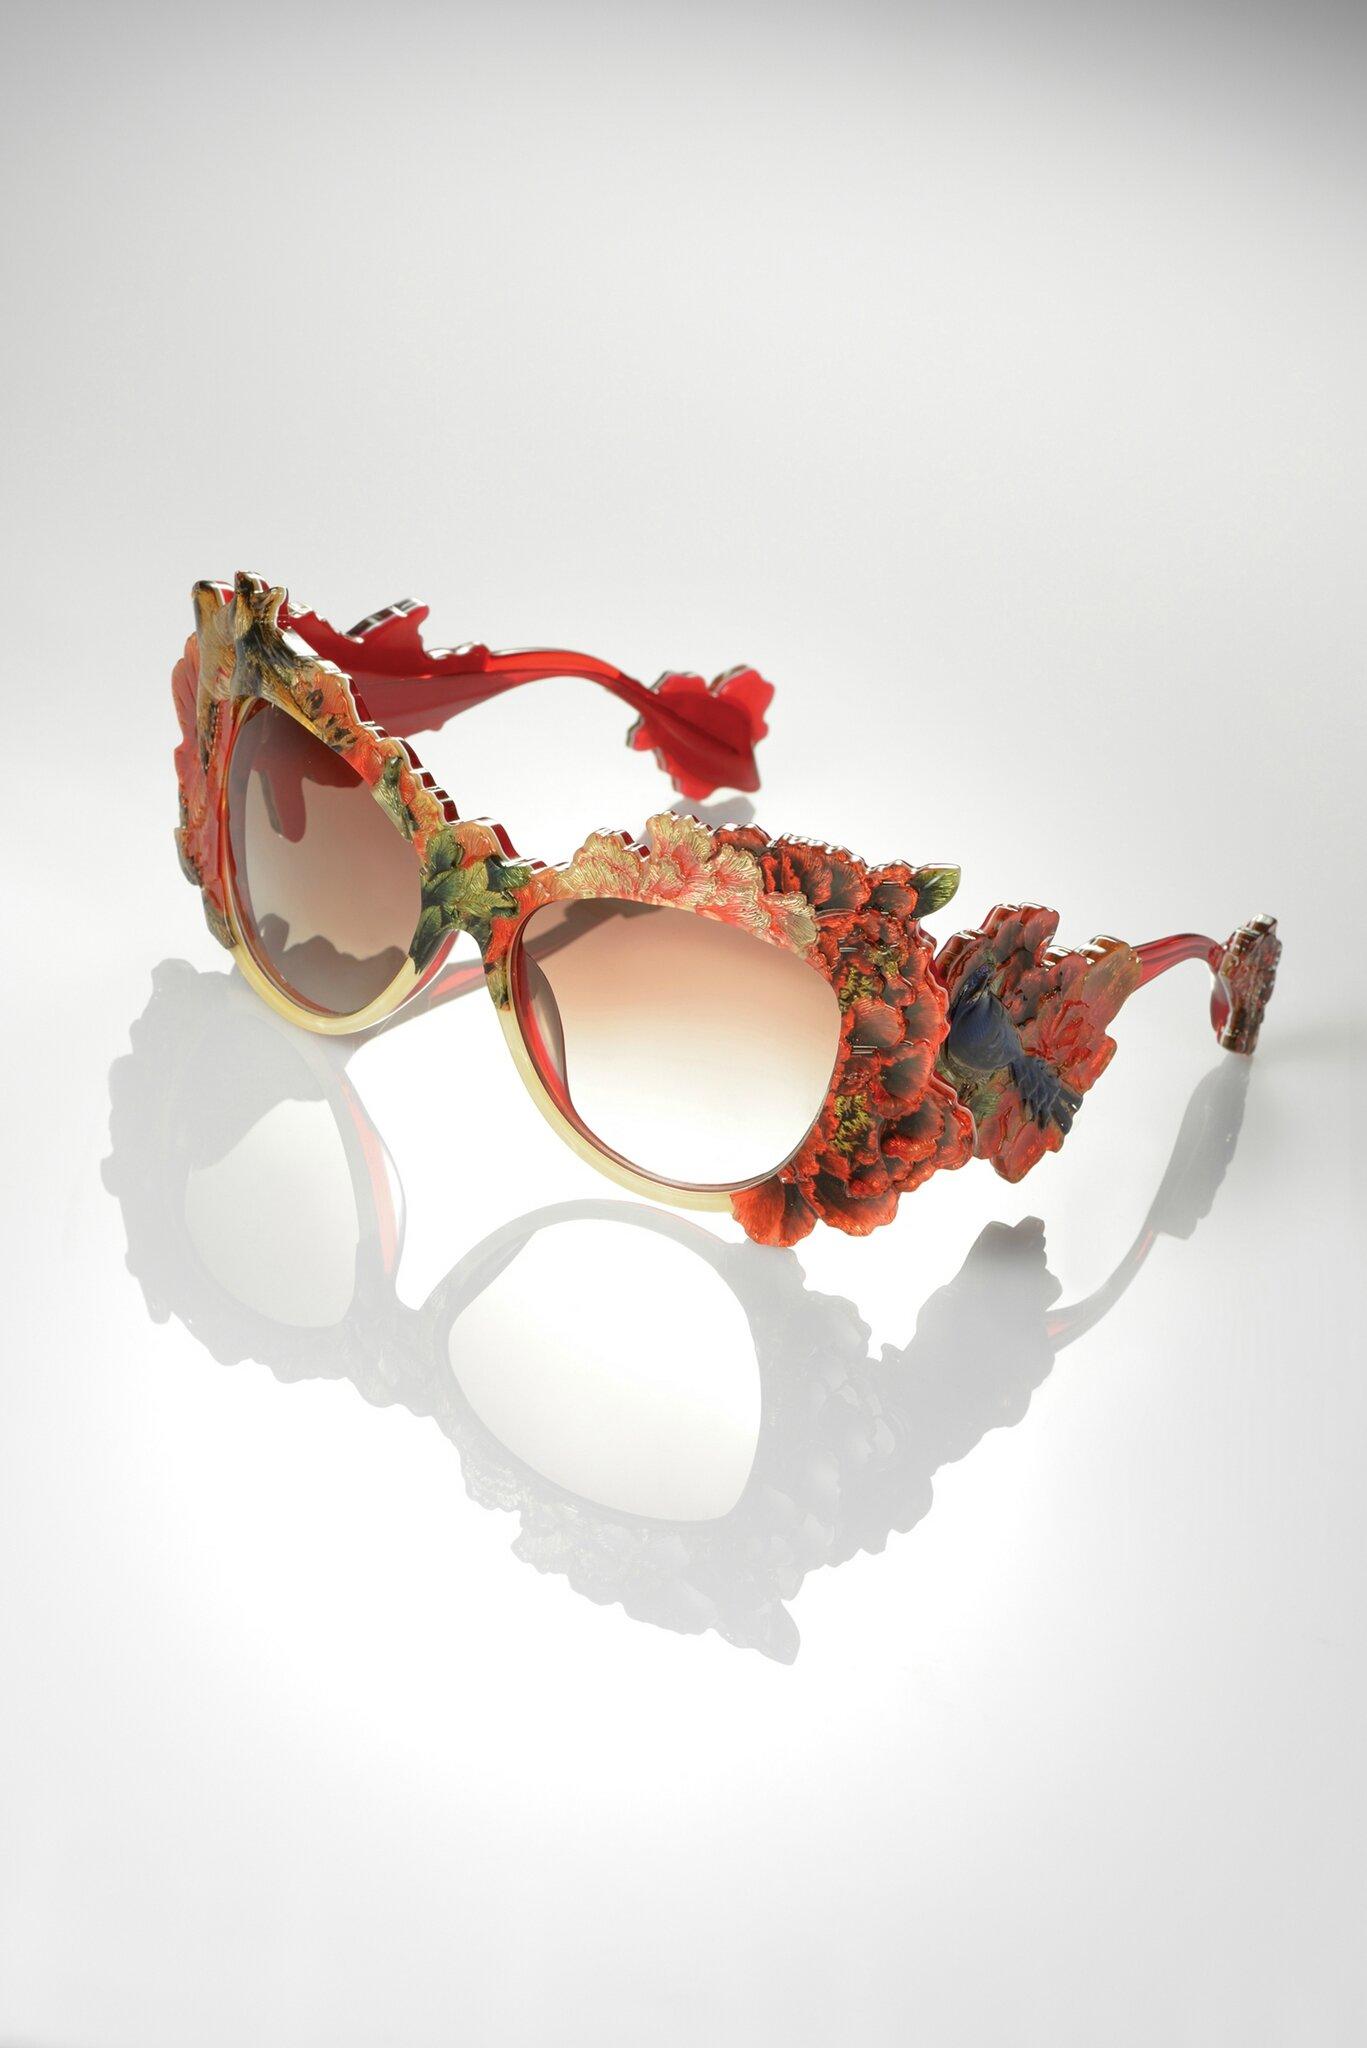 Nouveau mod le de lunettes okia par hda technology le for Hda design